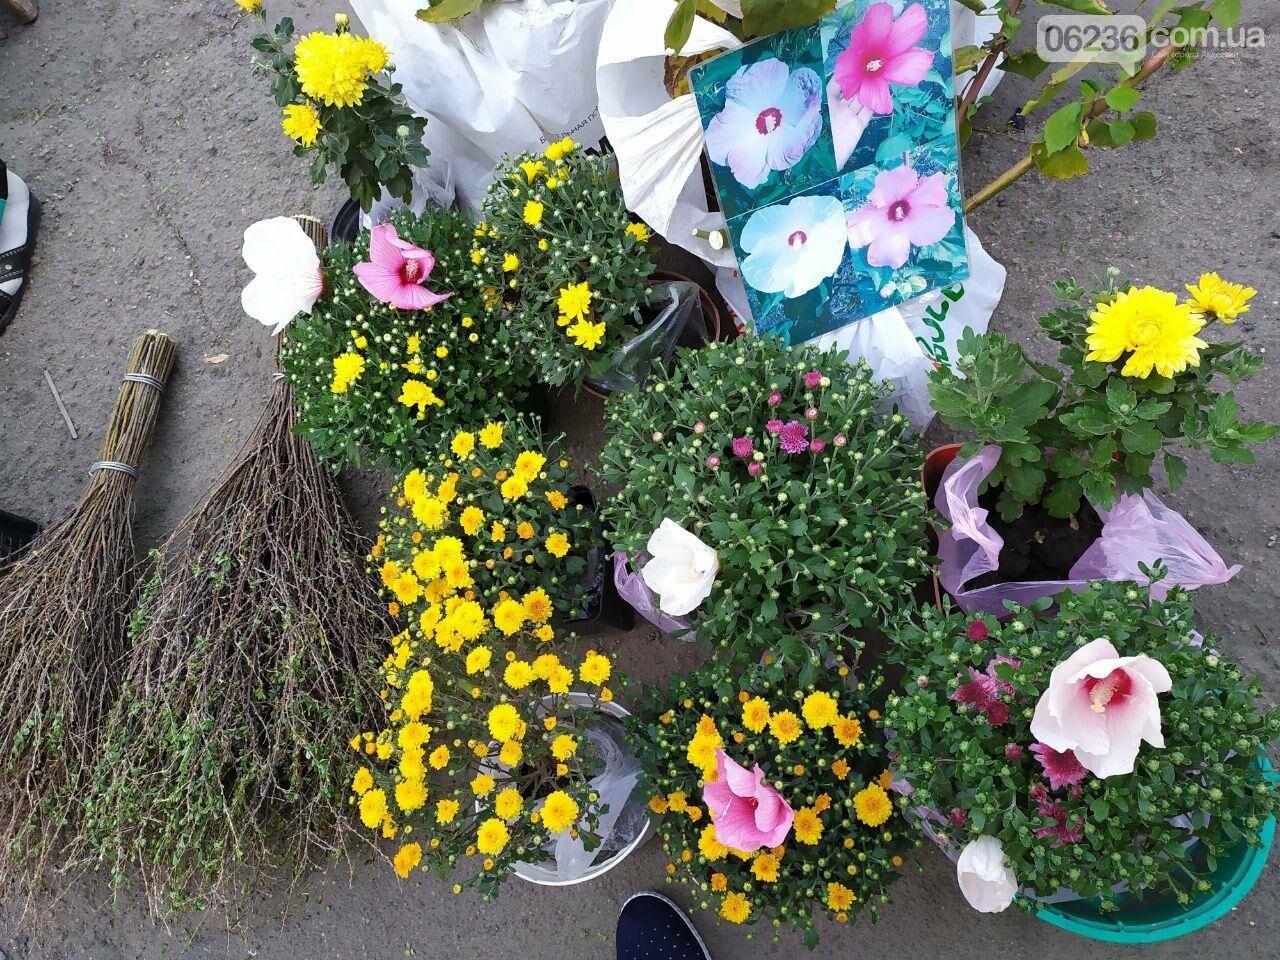 В Авдеевке провели ежегодную осеннюю ярмарку  ко Дню города (ФОТОФАКТ), фото-25